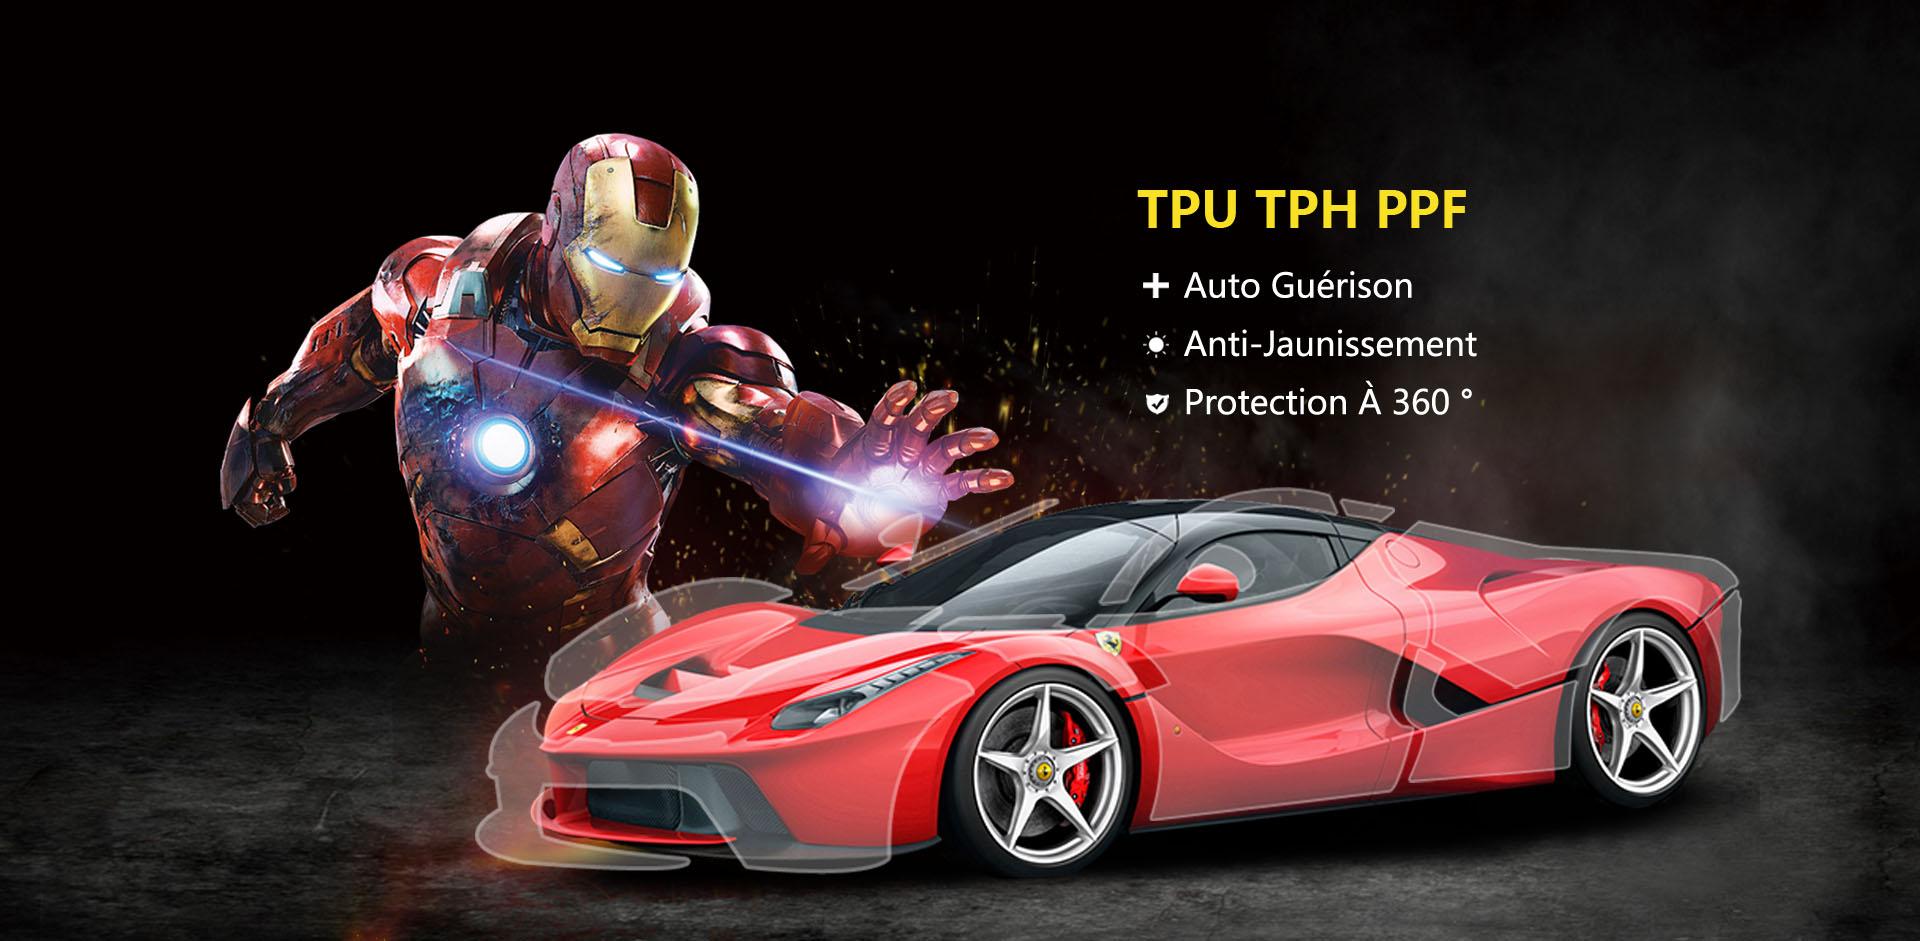 CL-PPF-TPU Film de protection de peinture auto